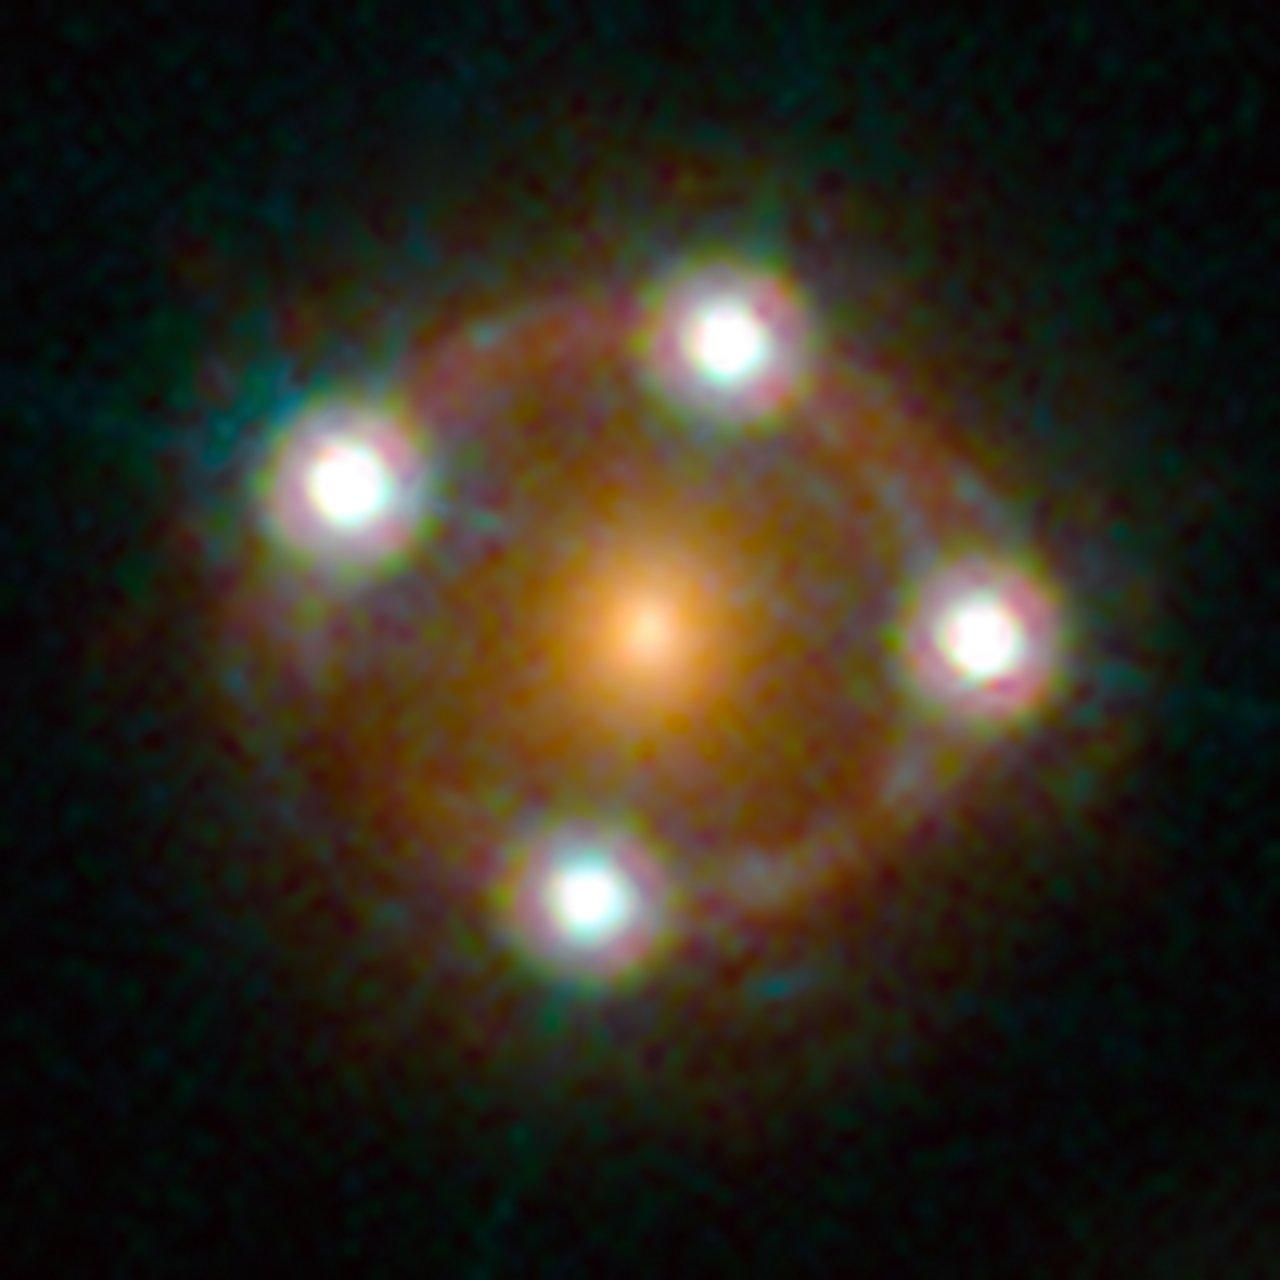 Il lensed quasar HE0435-1223. Crediti: ESA/Hubble, NASA, Suyu et al.